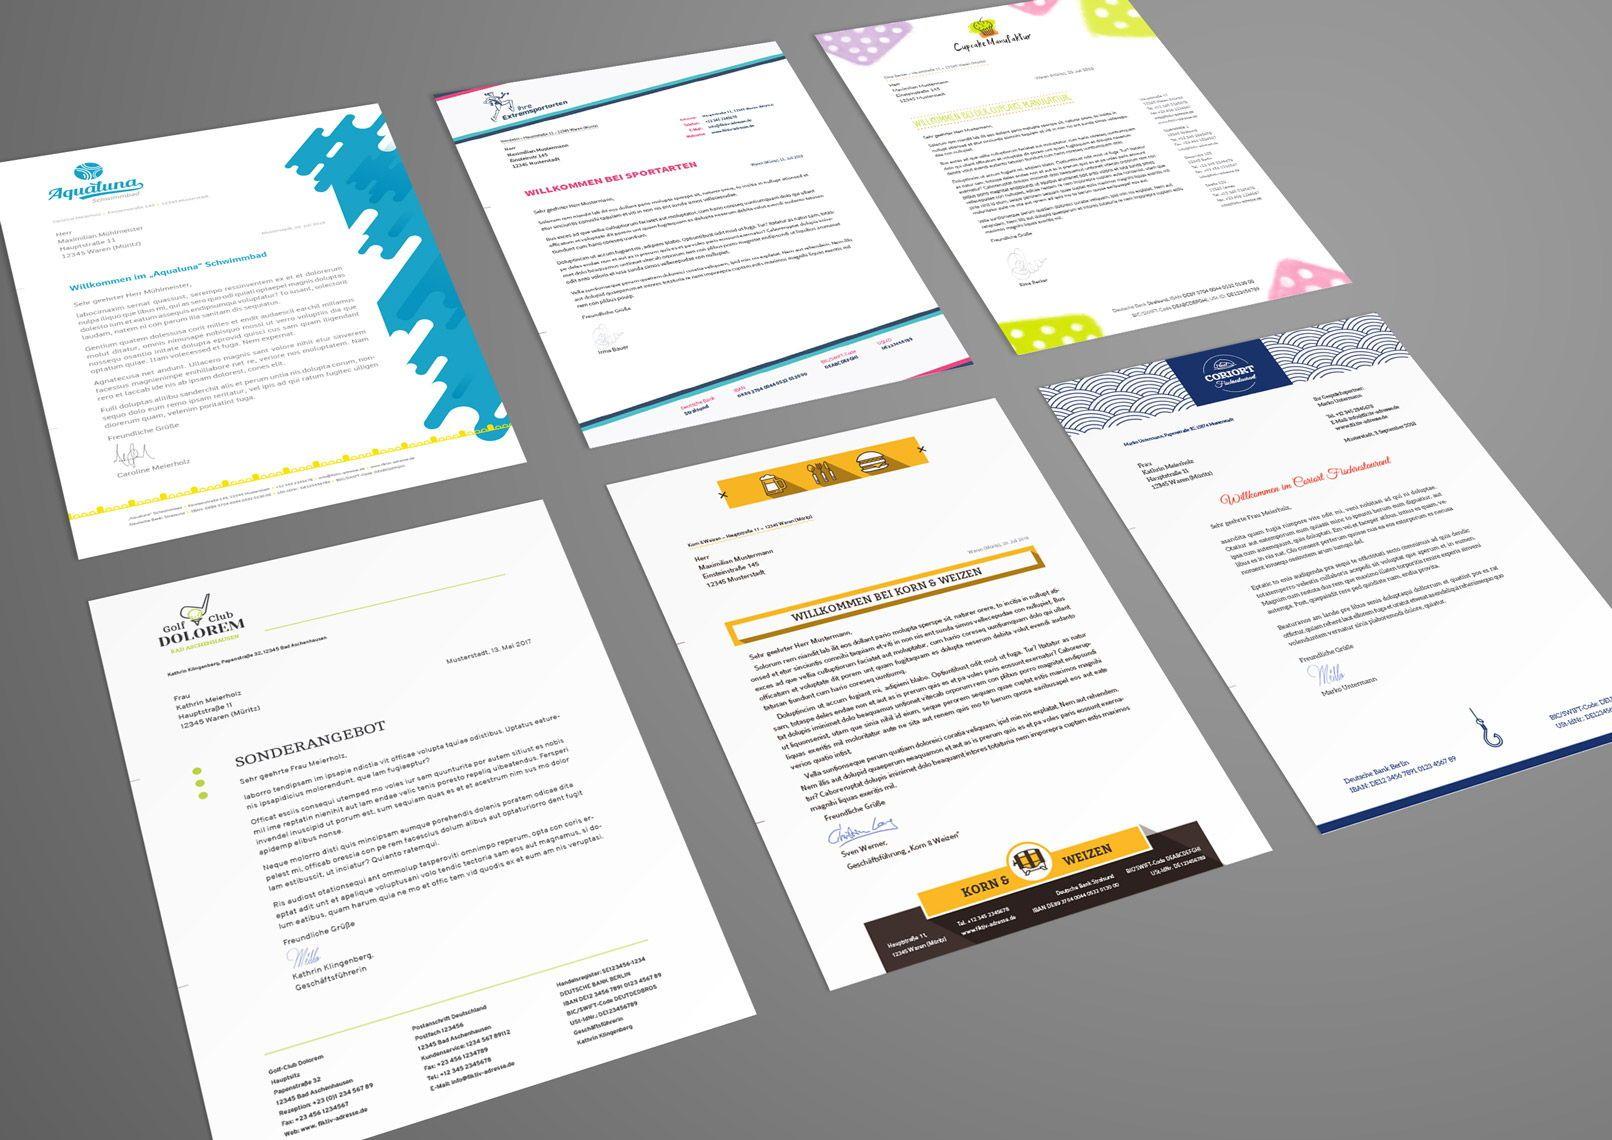 Briefpapier Vorlagen Zum Ausdrucken Briefpapier Vorlage Briefbogen Vorlage Briefpapier